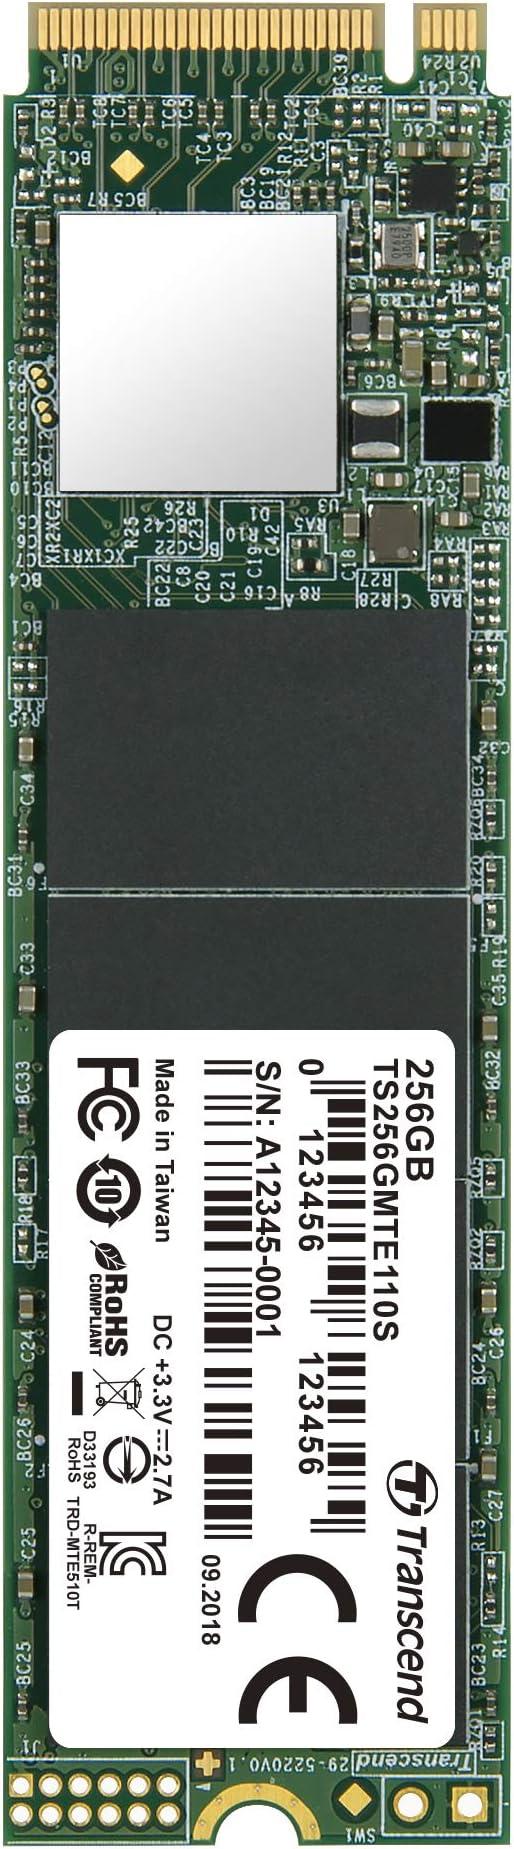 Transcend MTE110S, NVMe PCIe Gen 3x4 M.2 SSD de 256 GB, 3D TLC ...